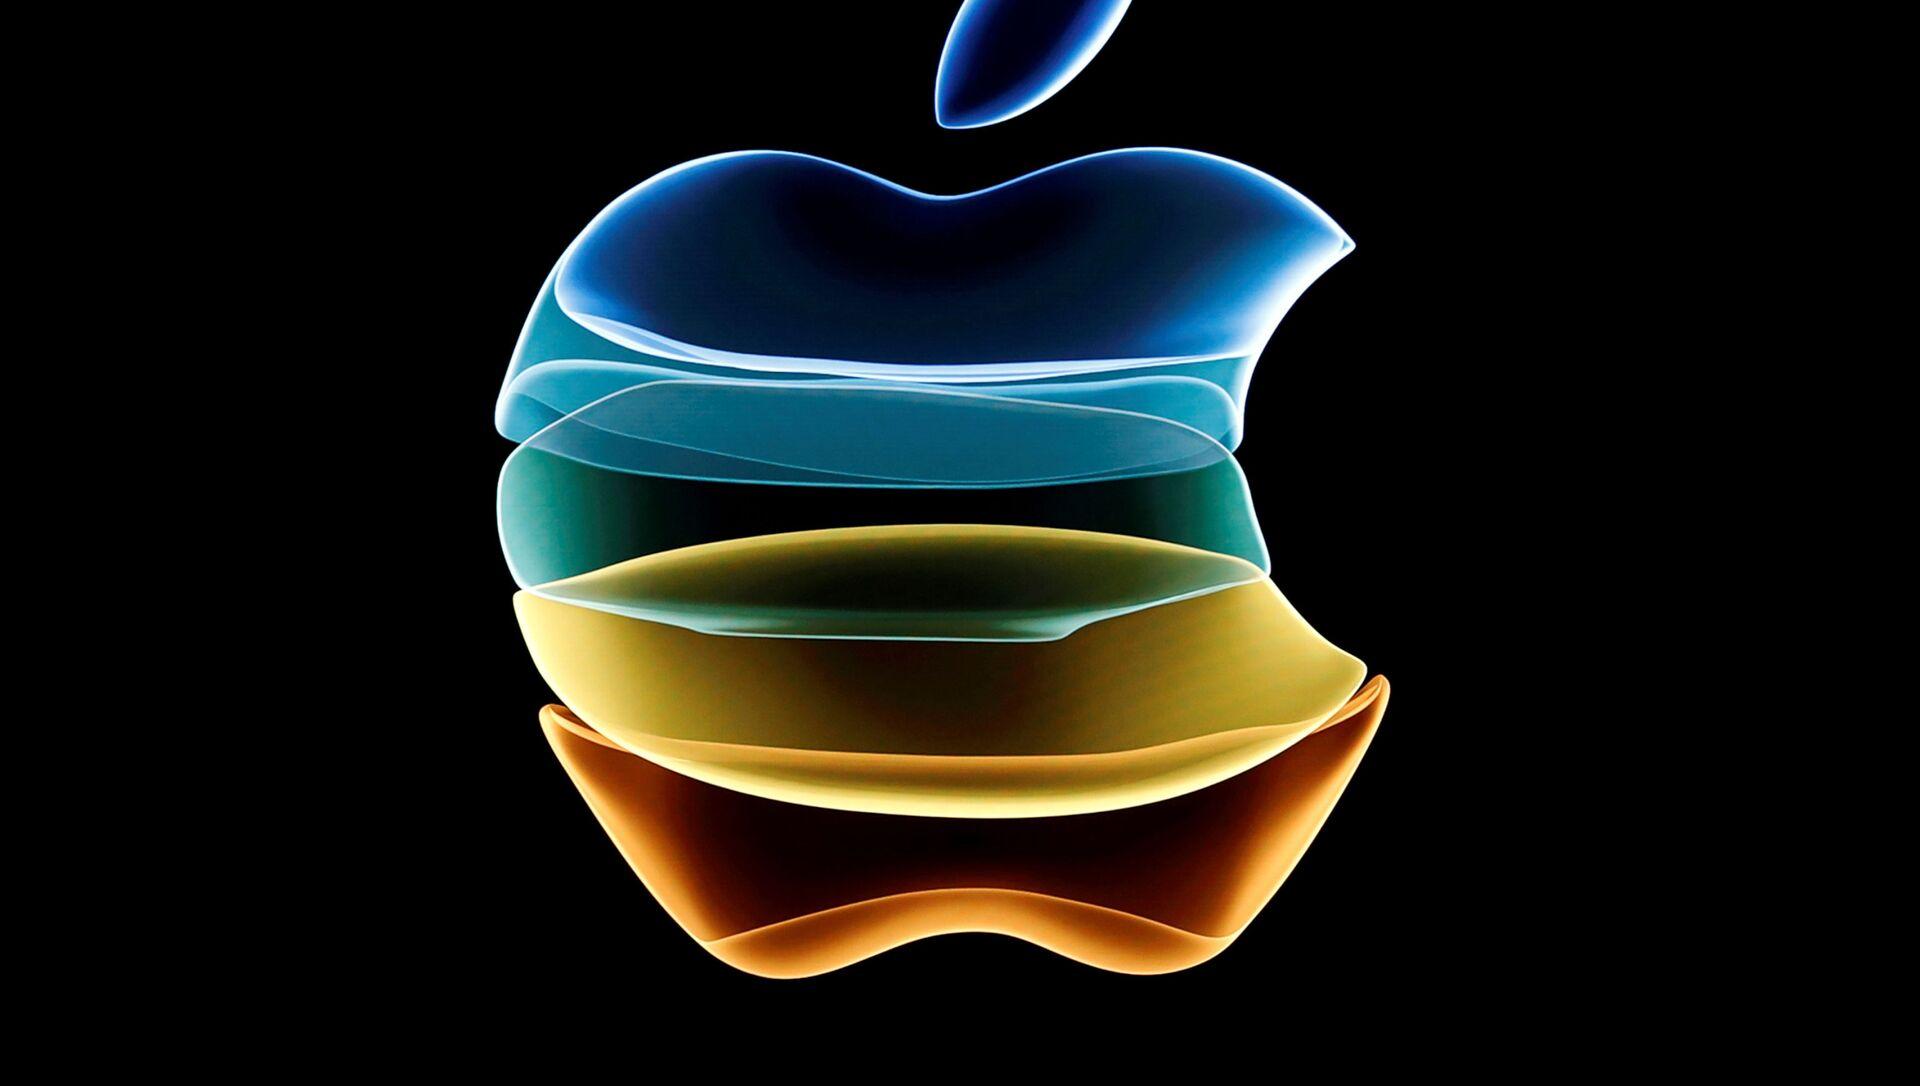 Logo de Apple (imagen referencial) - Sputnik Mundo, 1920, 25.12.2020